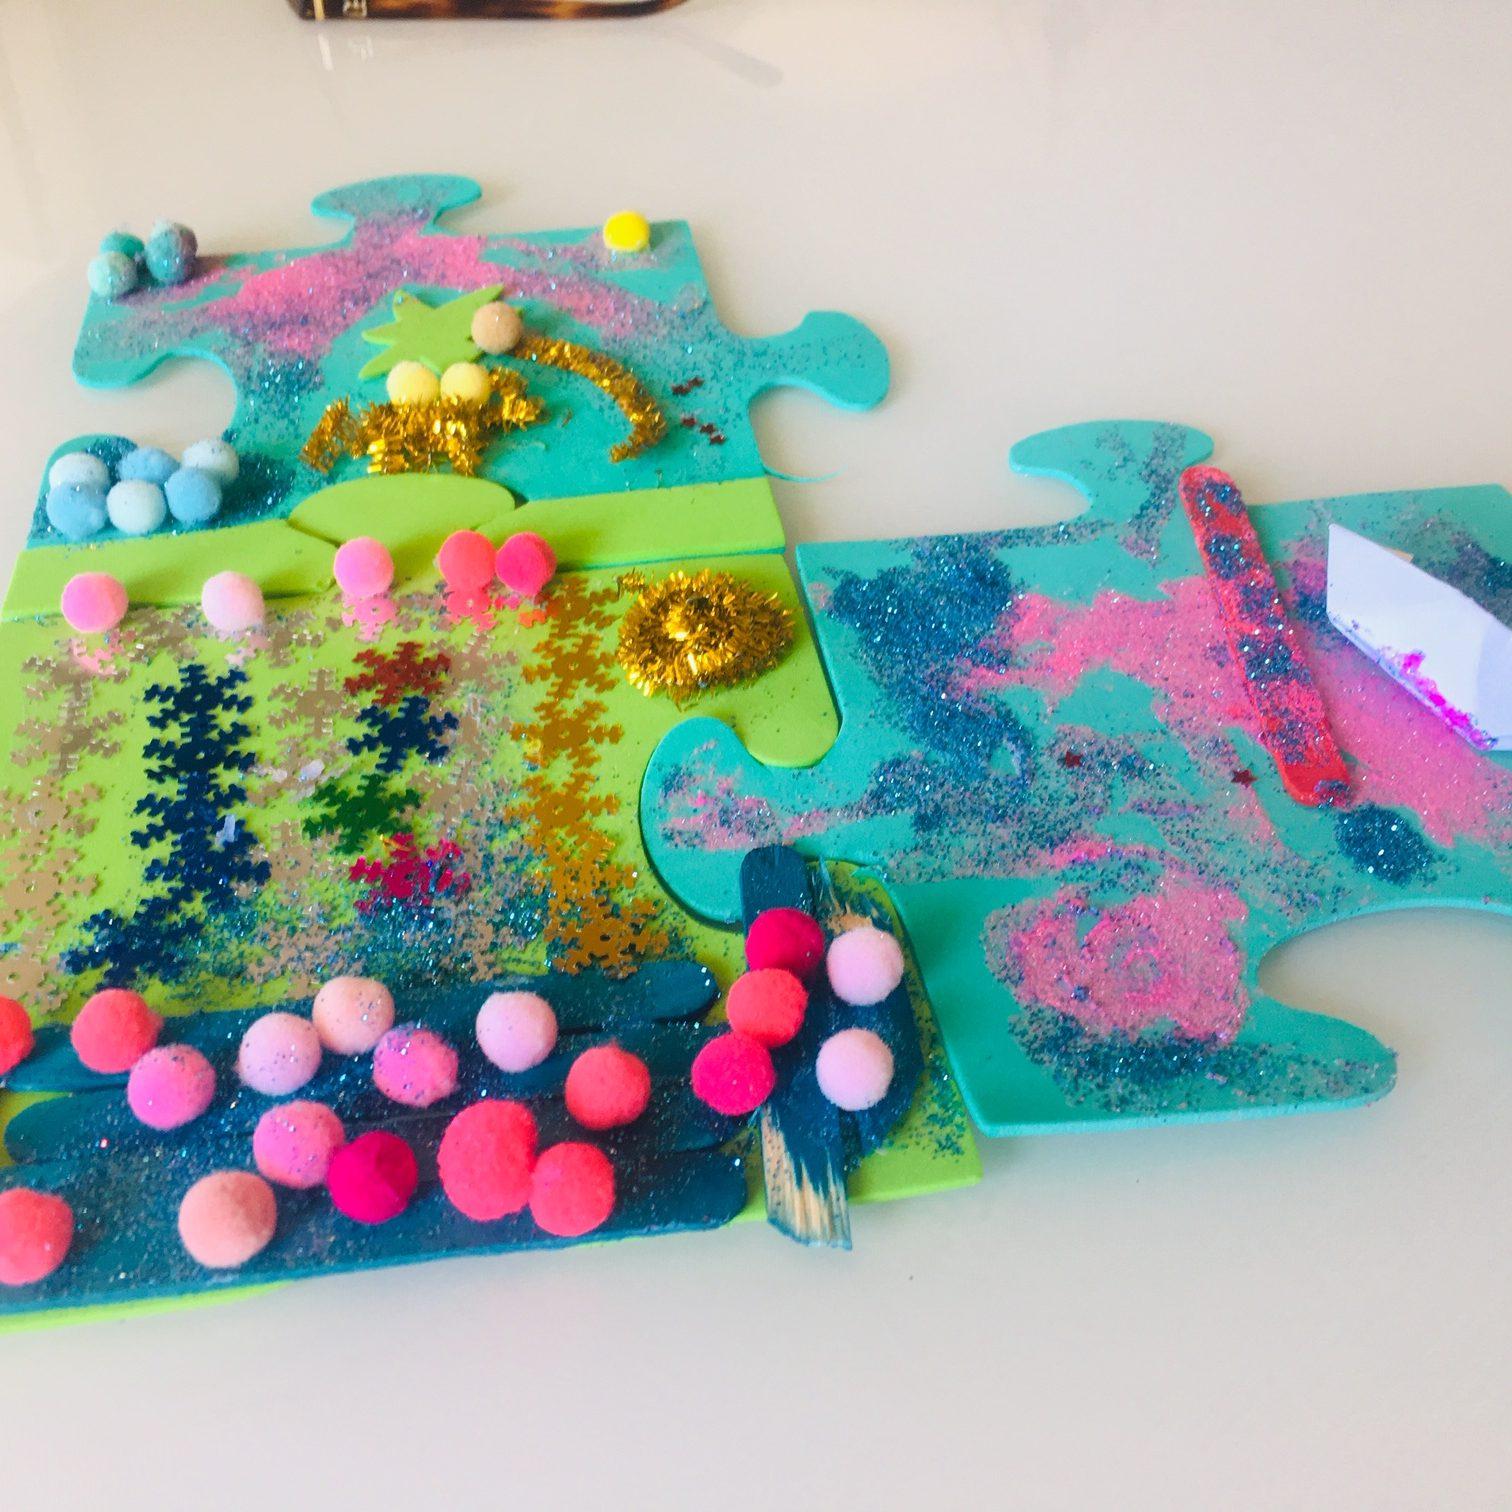 Attività di inizio anno scolastico: Costruiamo insieme il puzzle delle nostre vacanze